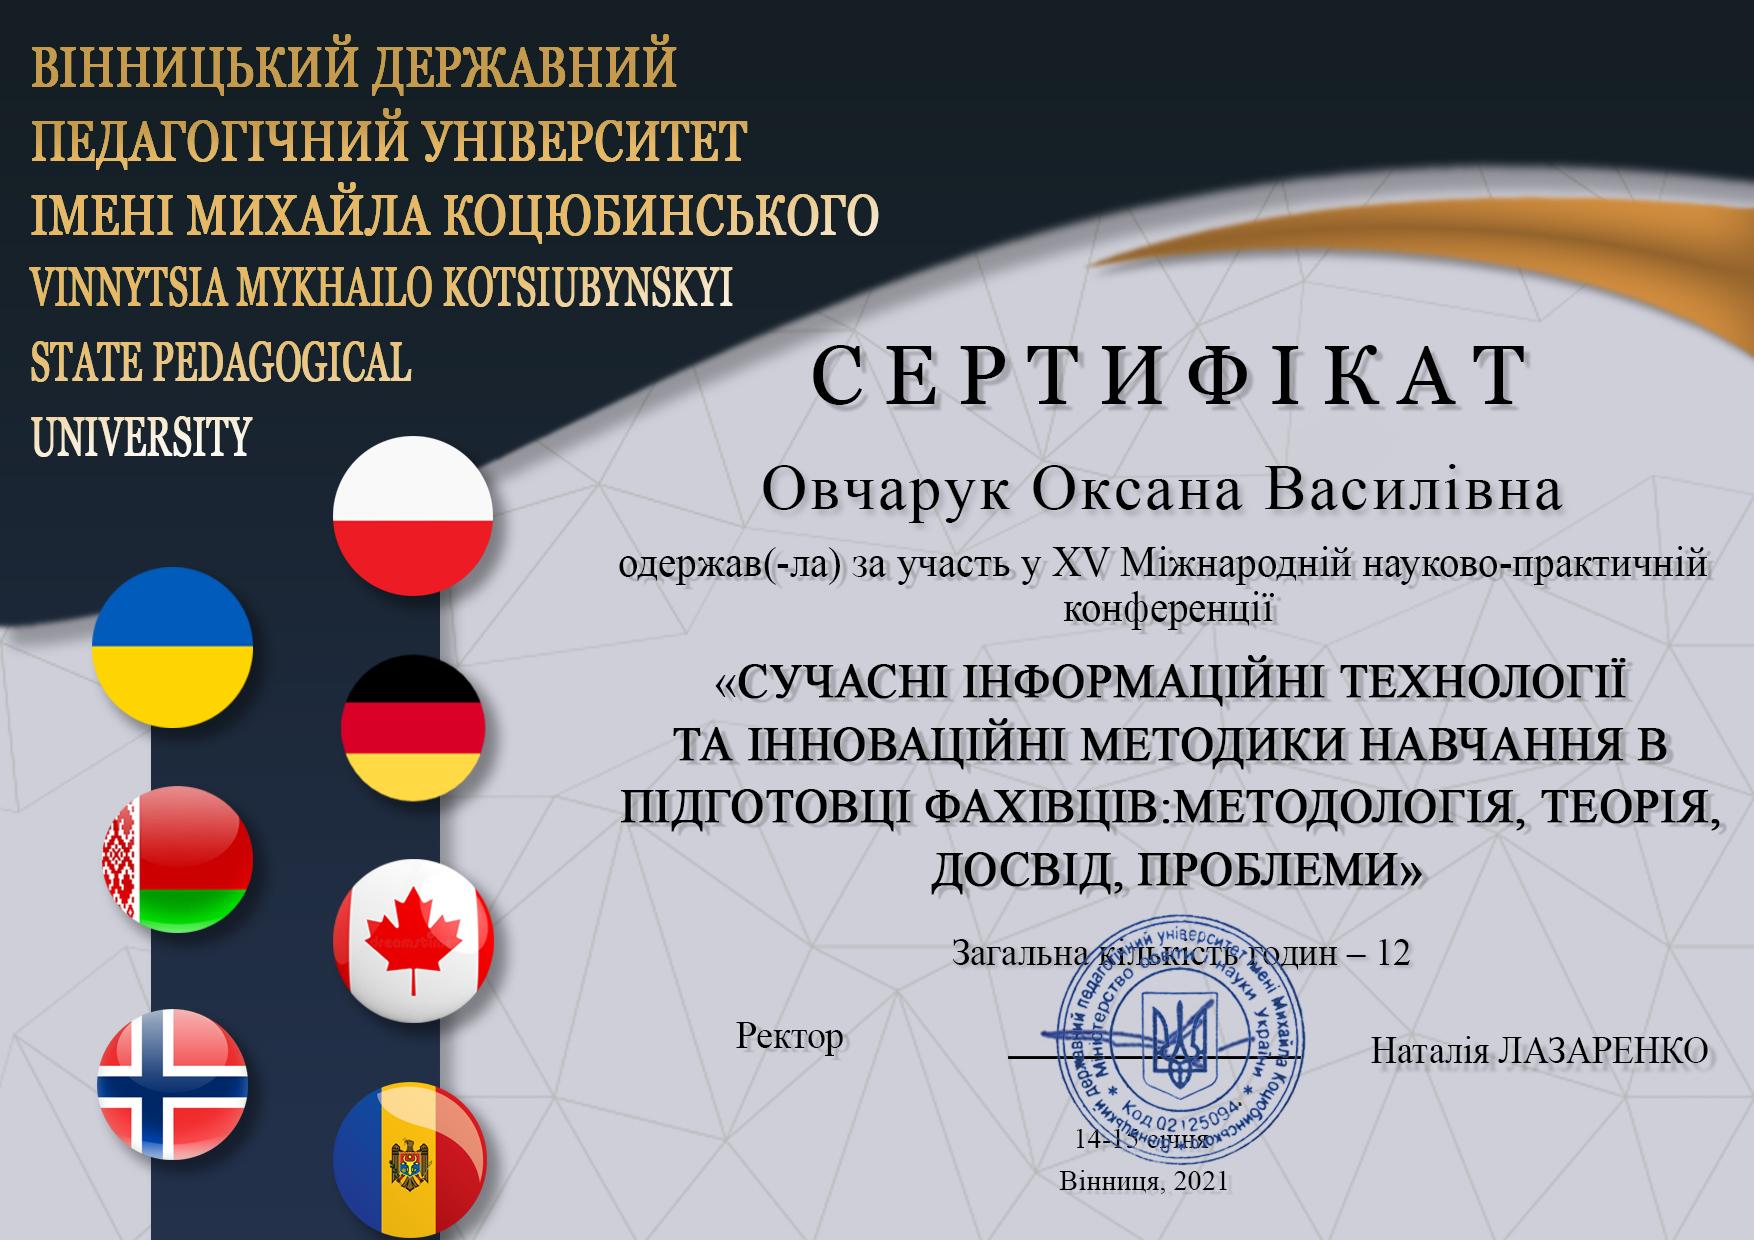 Овчарук Оксана Василівна